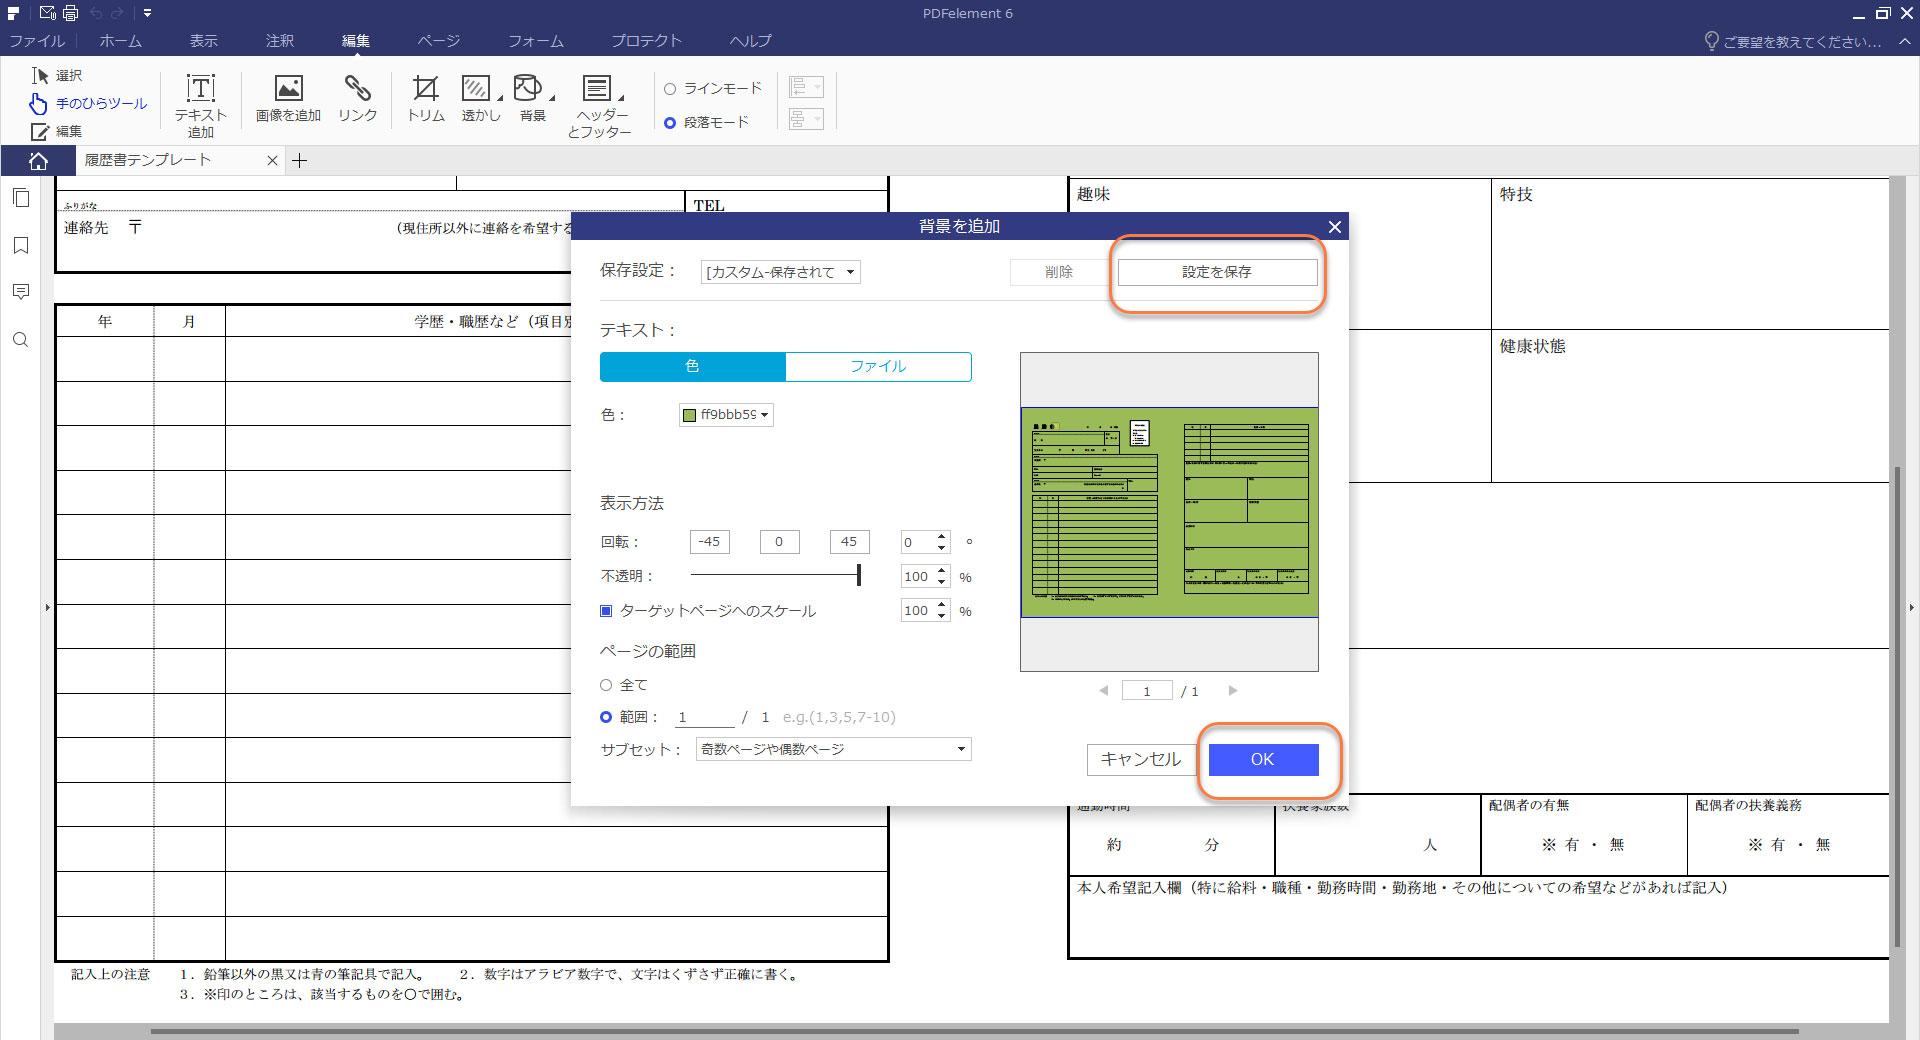 PDFをすこし華やかに!PDF背景に画像や色を追加する方法って?